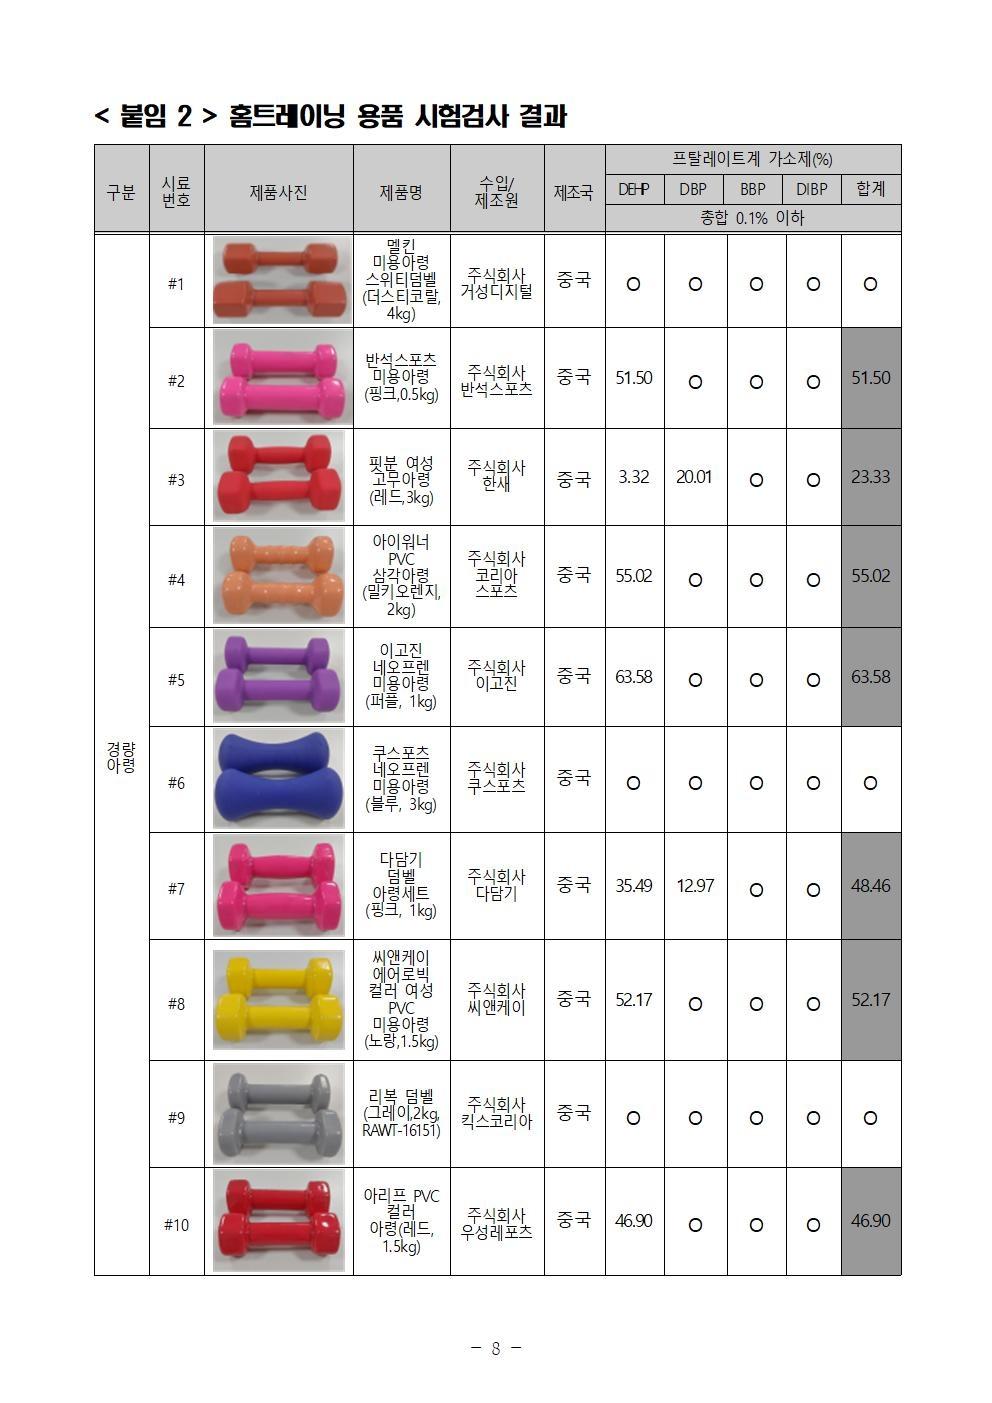 홈트레이닝 용품 안전실태-일부(자료 : 한국소비자원)